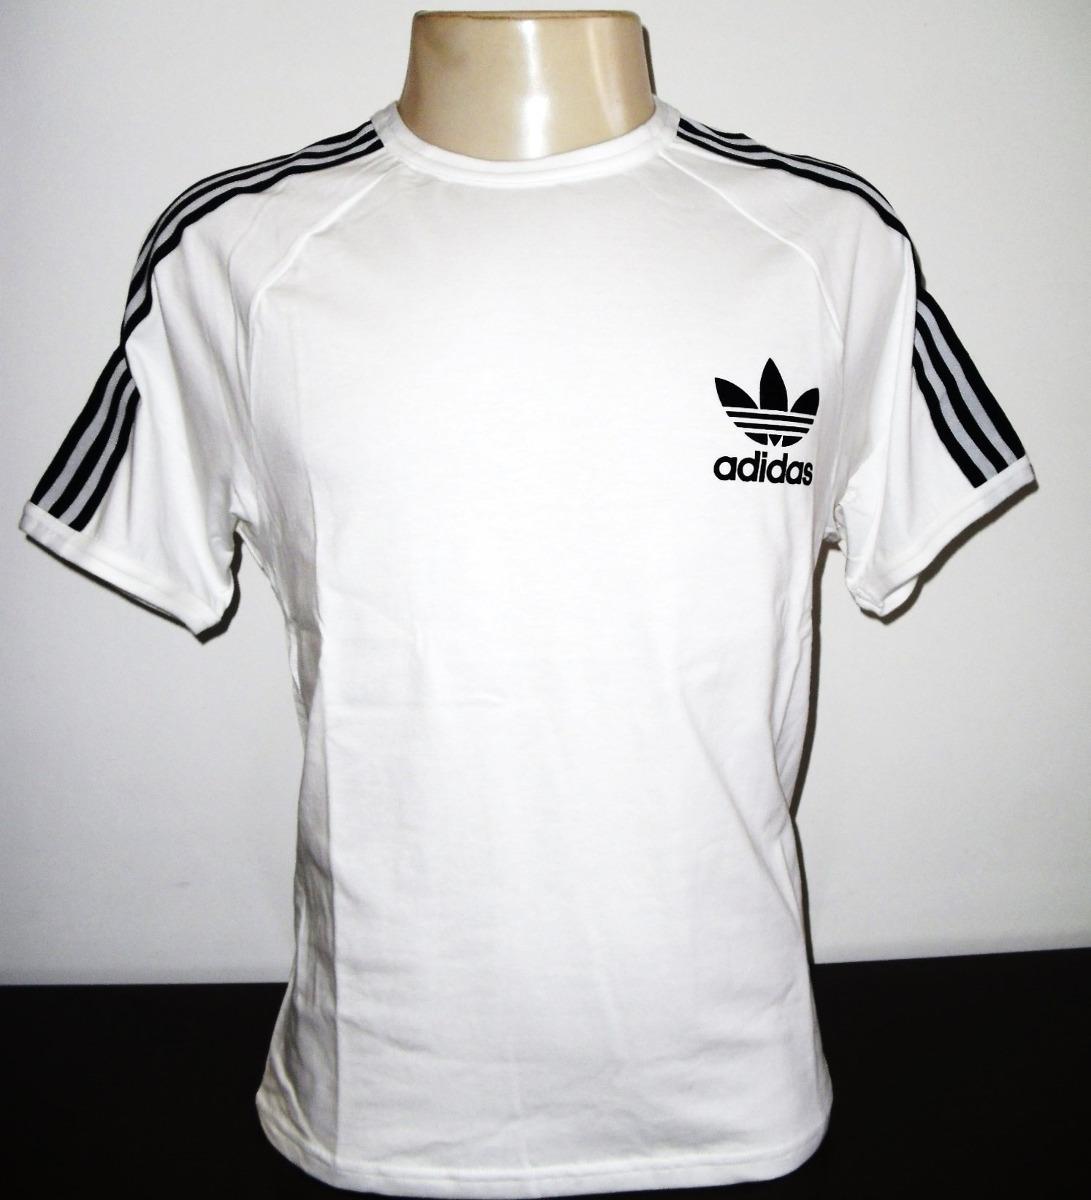 6b3fe1f3038 Camisa adidas Retro Vintage Branca Originals Pronta Entrega - R  59 ...